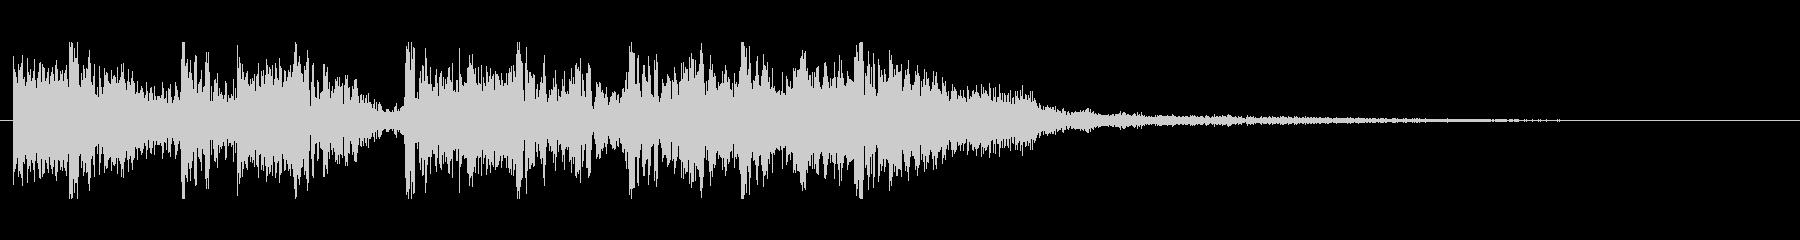 派手でリズミカルなロック風ジングル短の未再生の波形